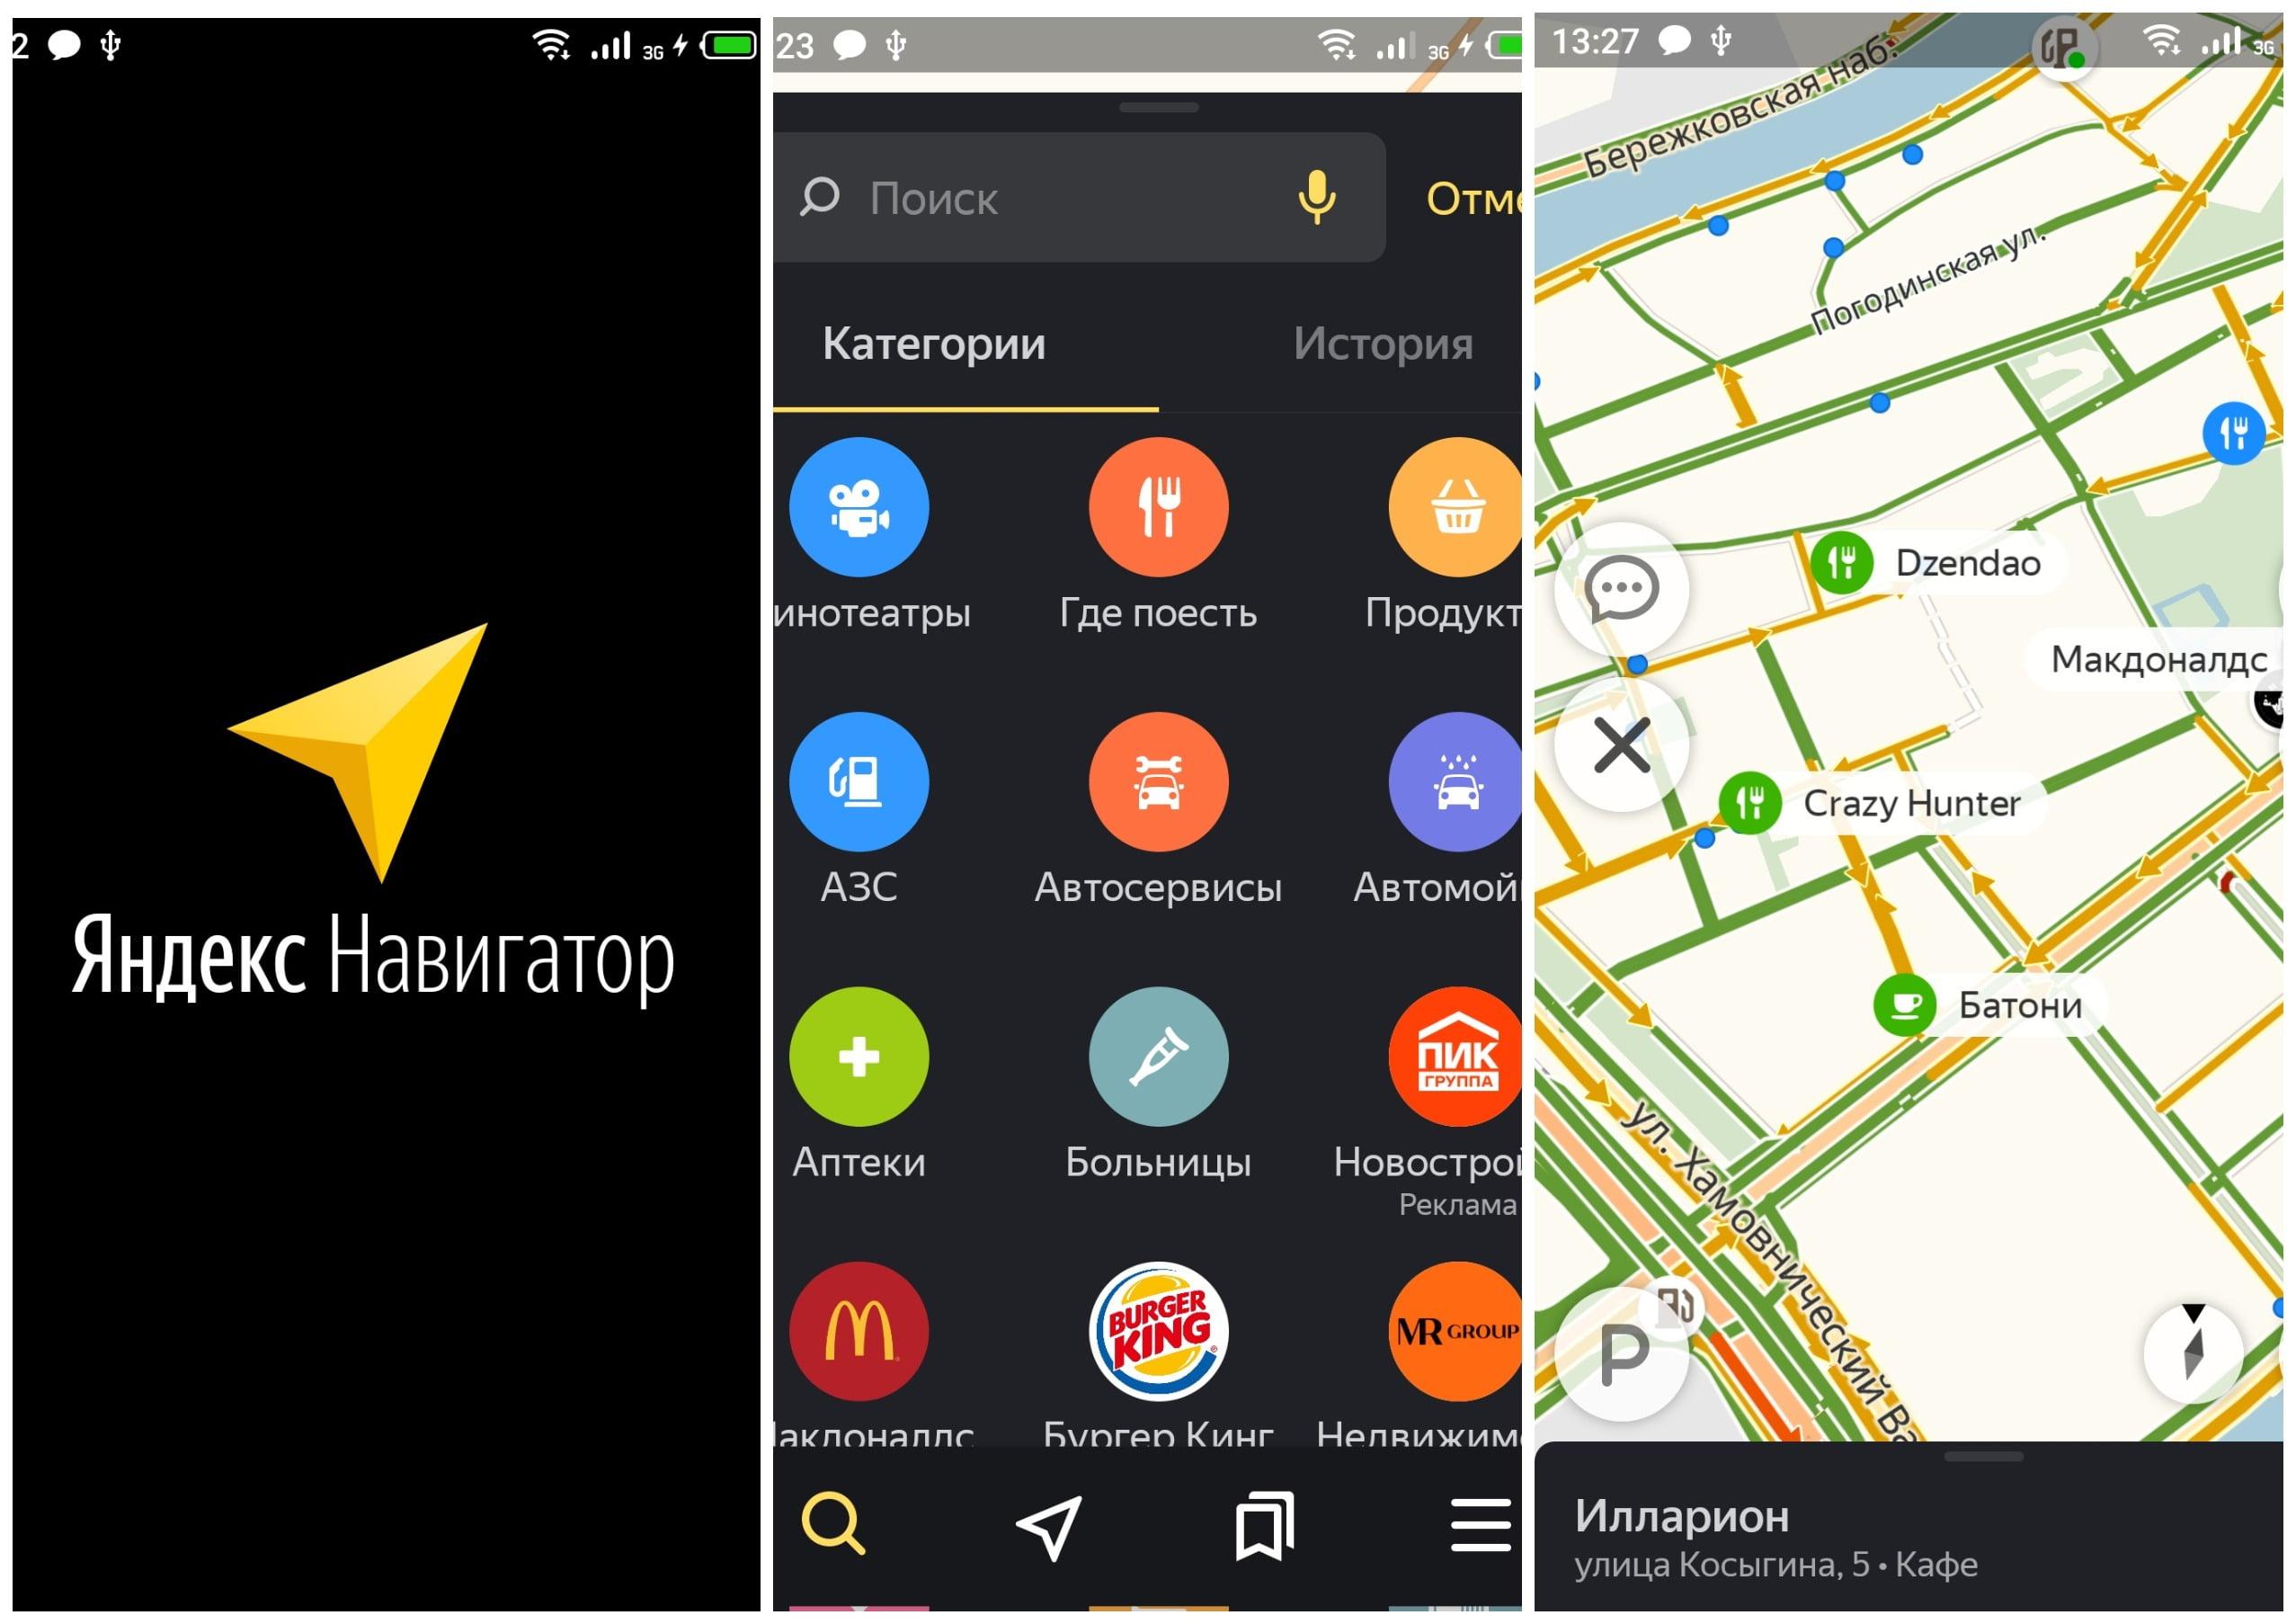 На фото изображено приложение Яндекс.Навигатор